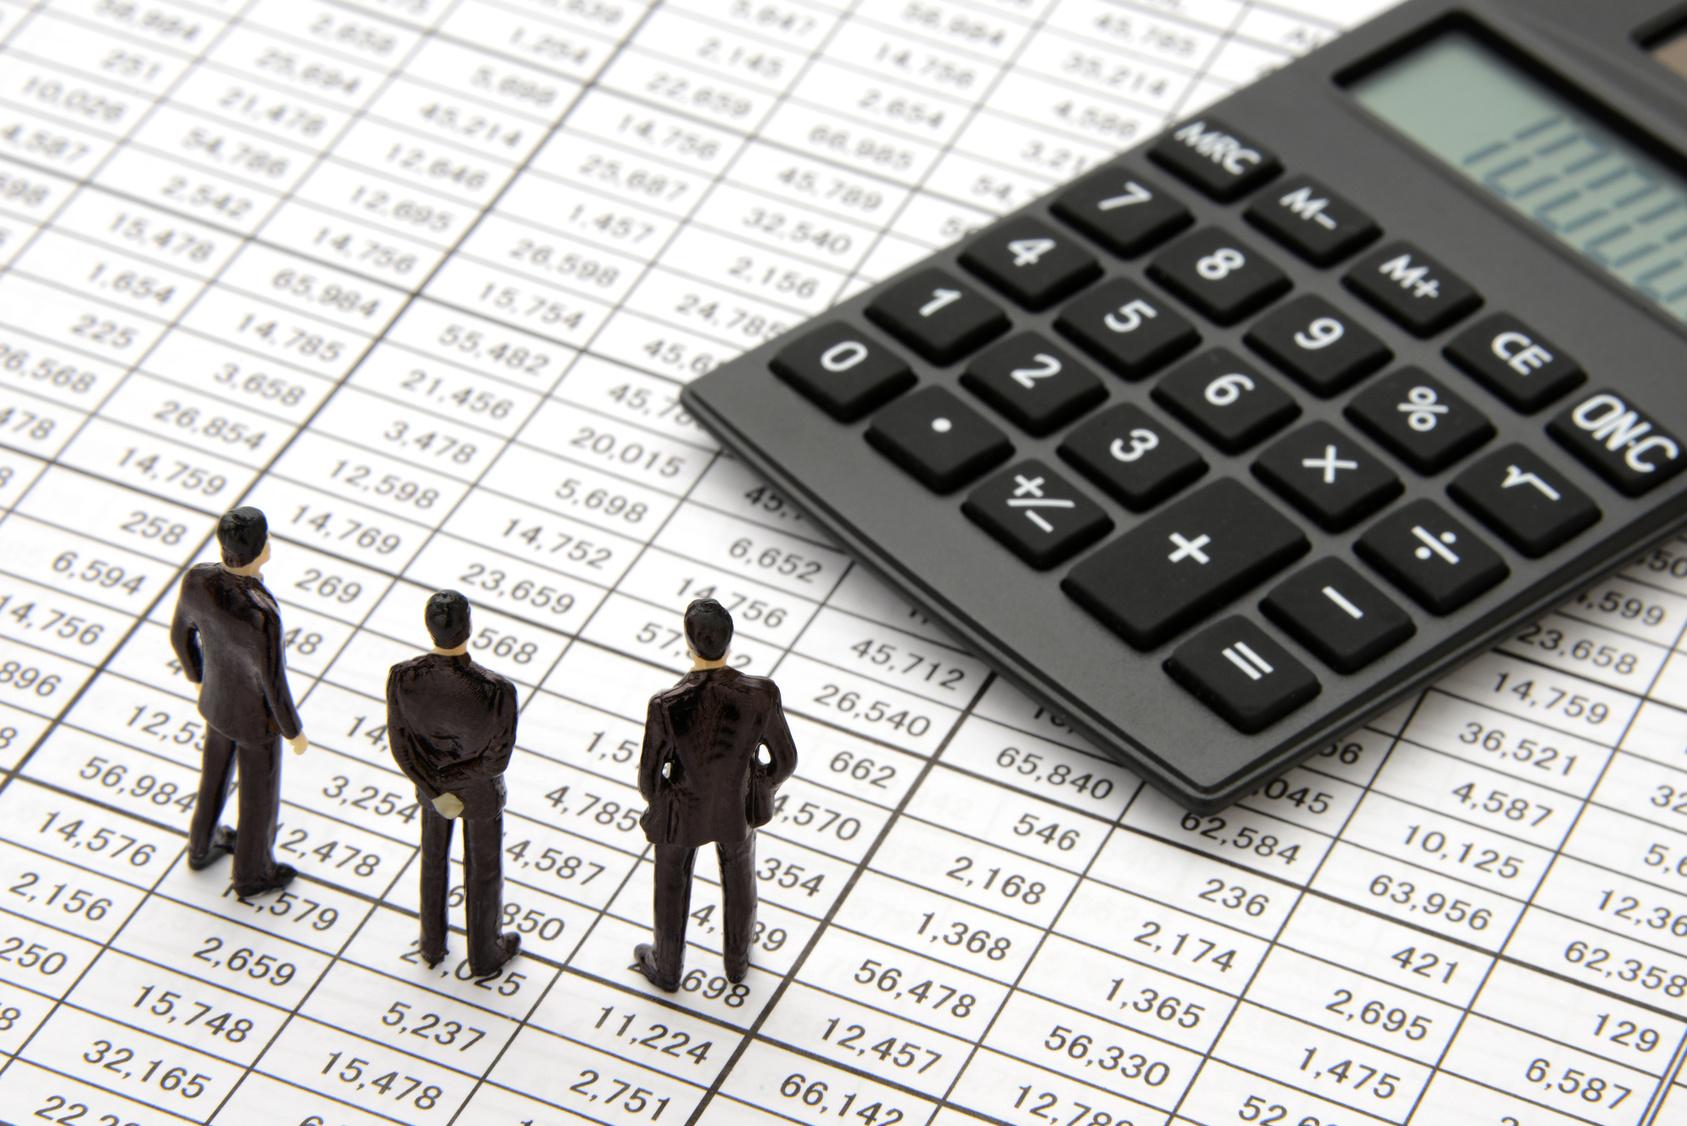 【損益計算書の見方】営業利益・経常利益・純利益の違いをわかりやすく解説。